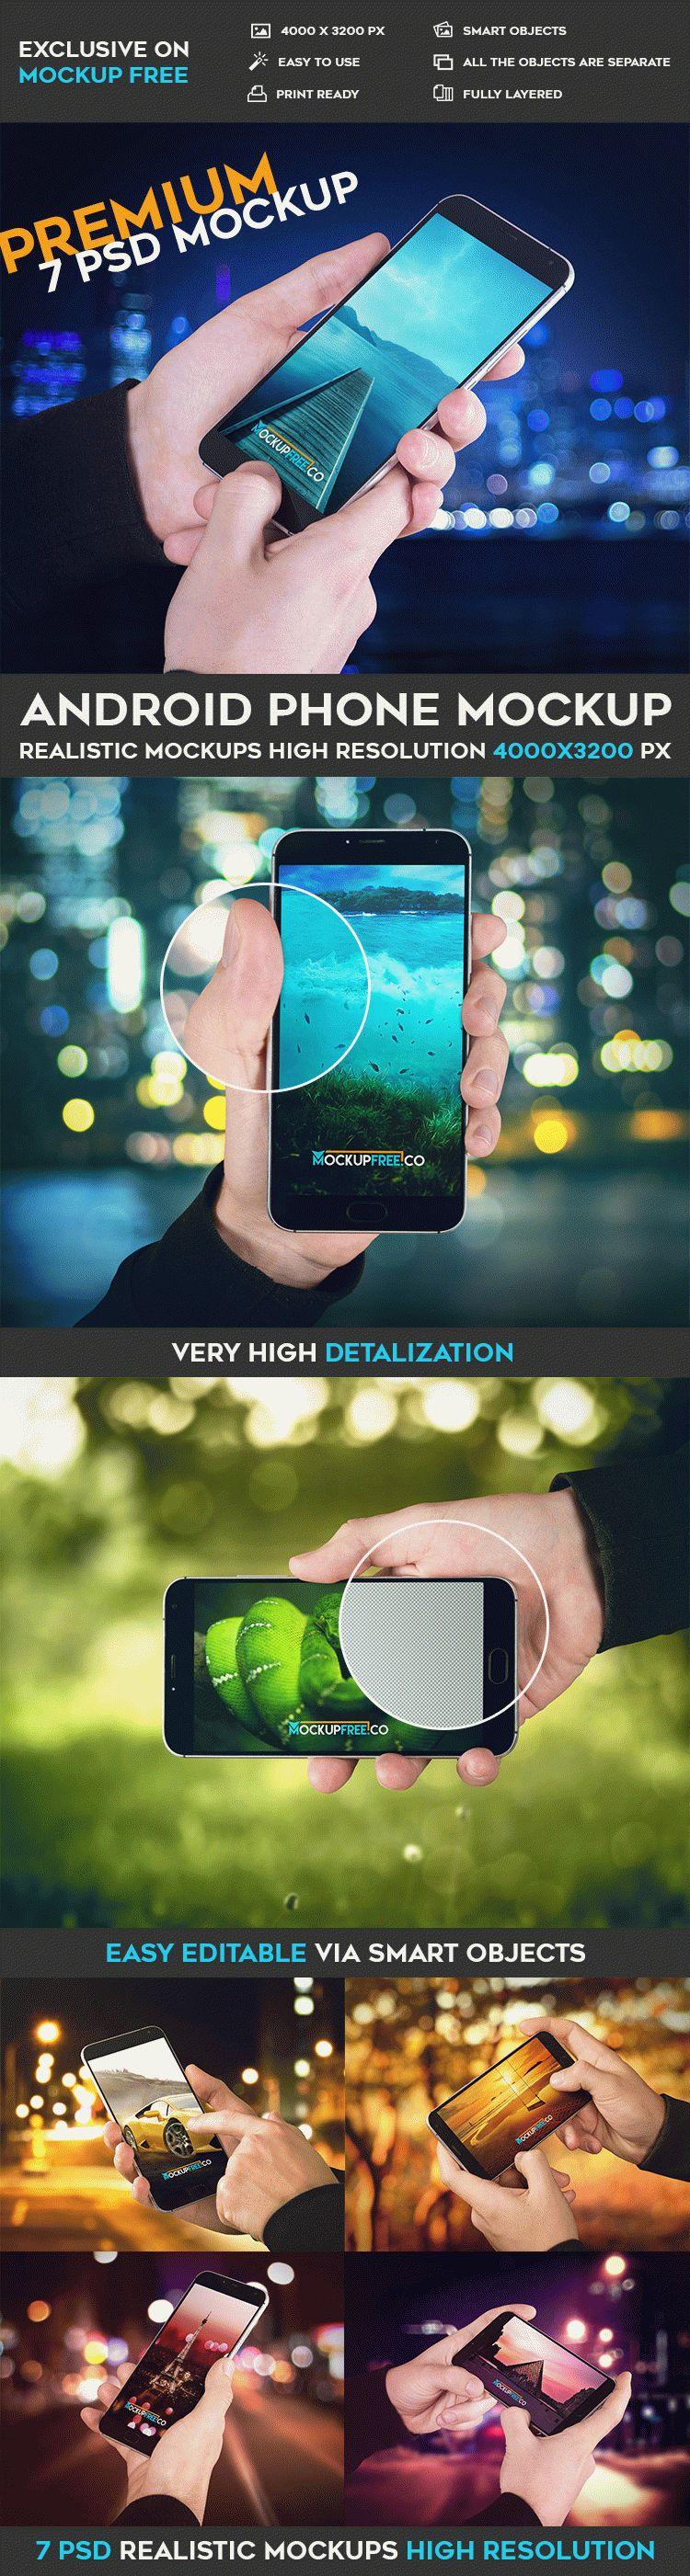 Preview_Big_premium_android-phone-7-premium-psd-mockups